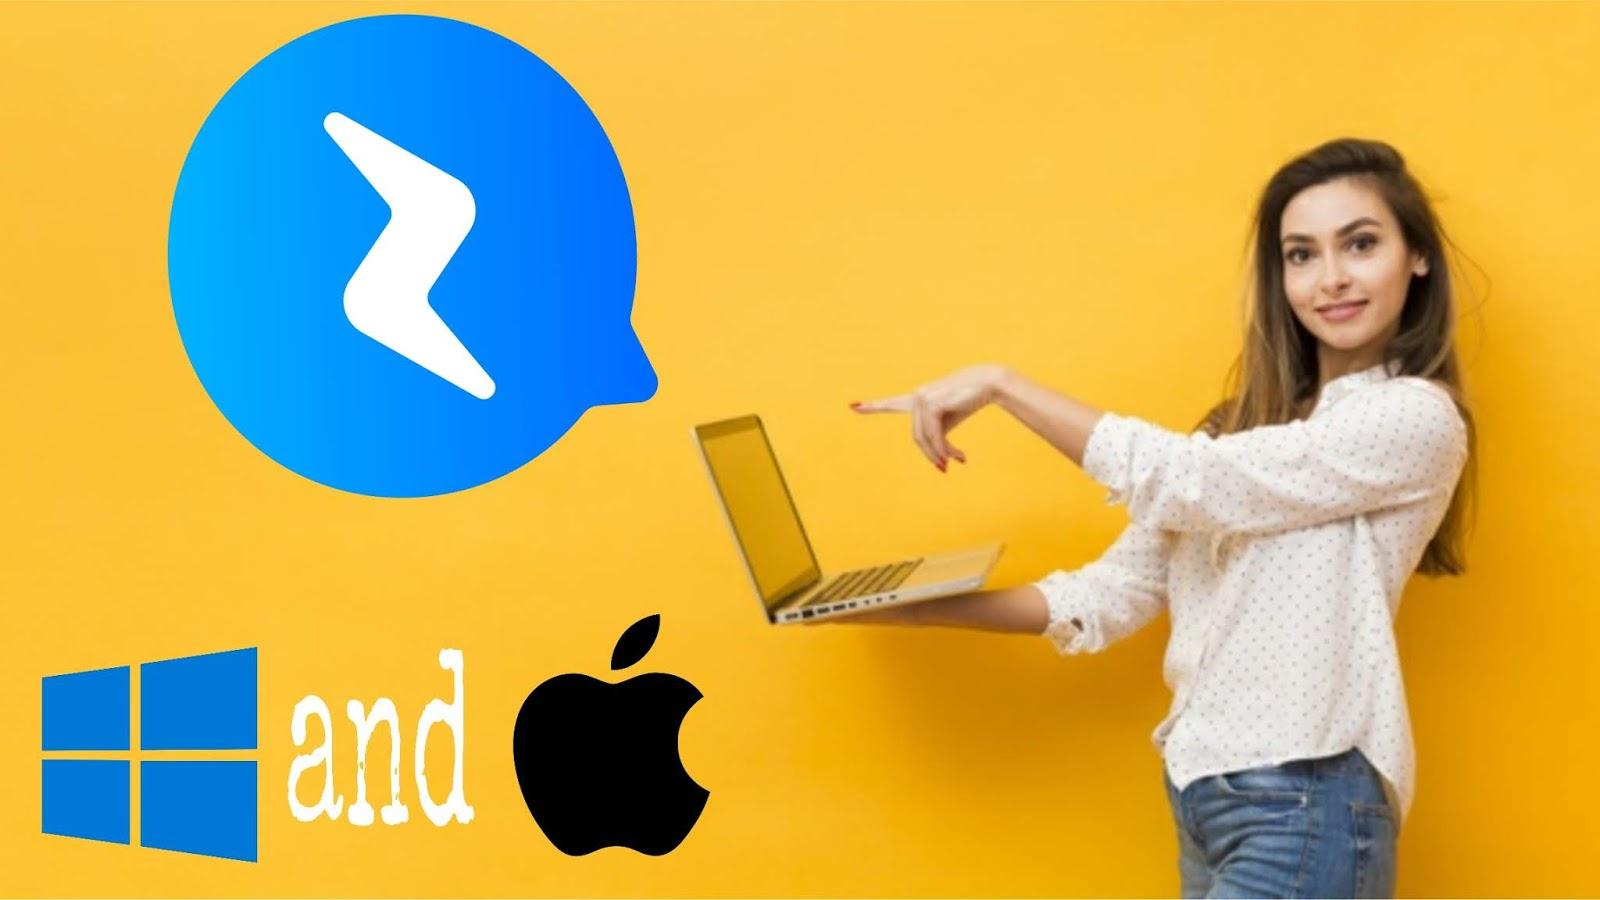 فيسبوك ماسانجر على الحاسوب